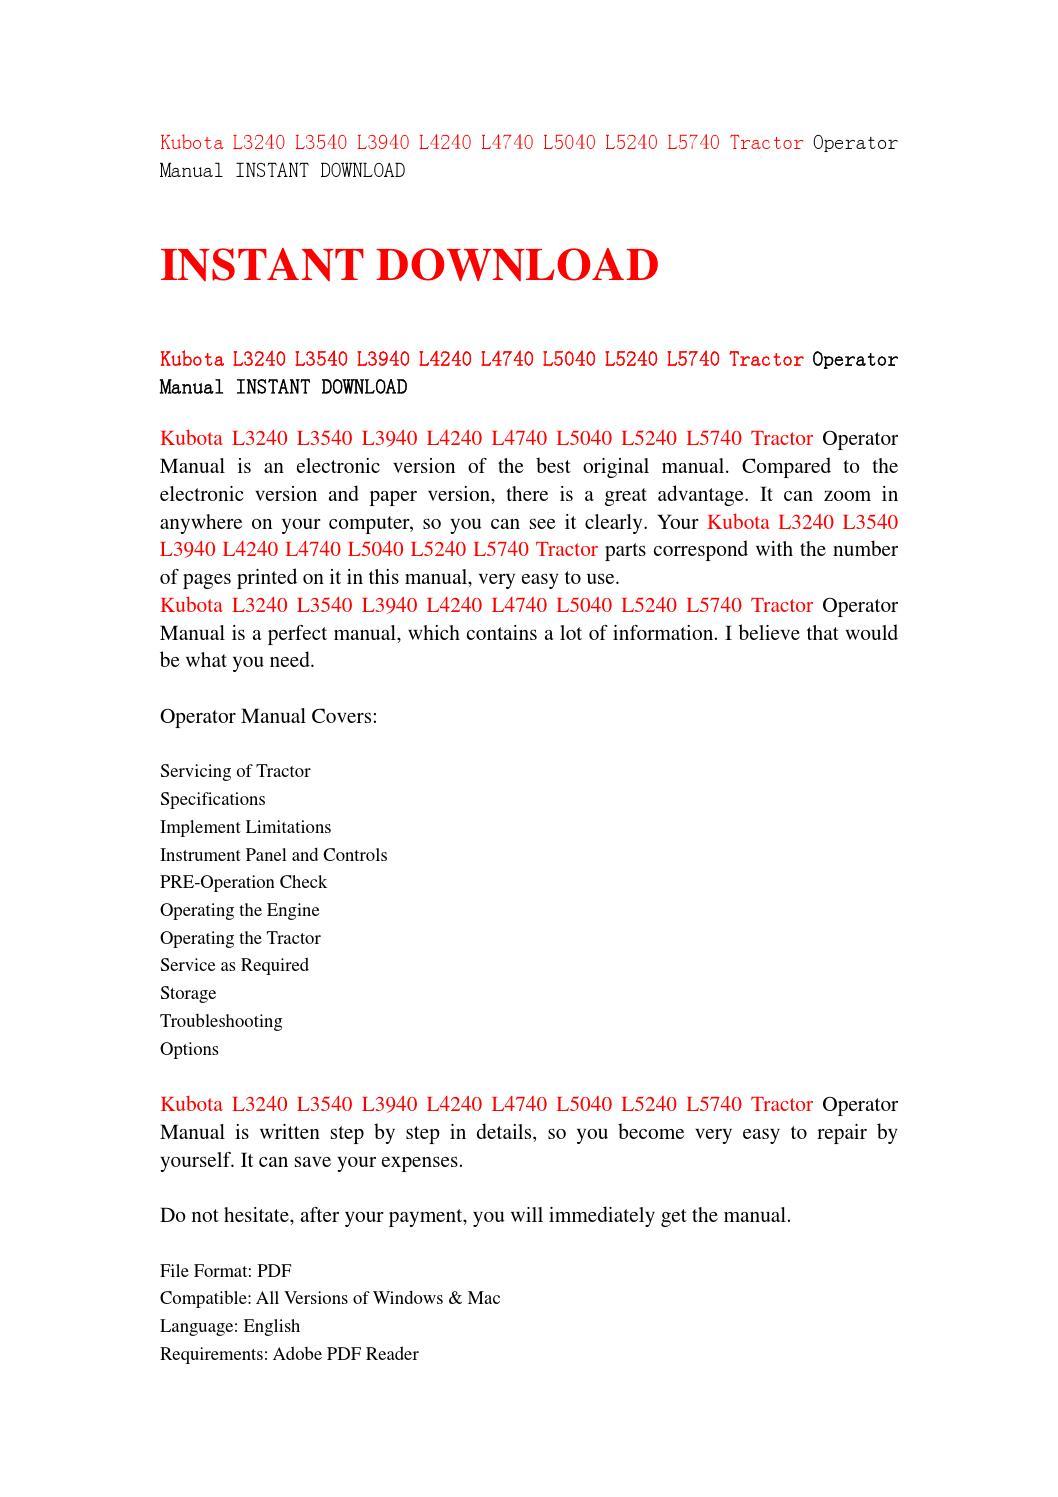 Kubota l3240 l3540 l3940 l4240 l4740 l5040 l5240 l5740 tractor operator  manual instant download by iusefjsnen - issuu